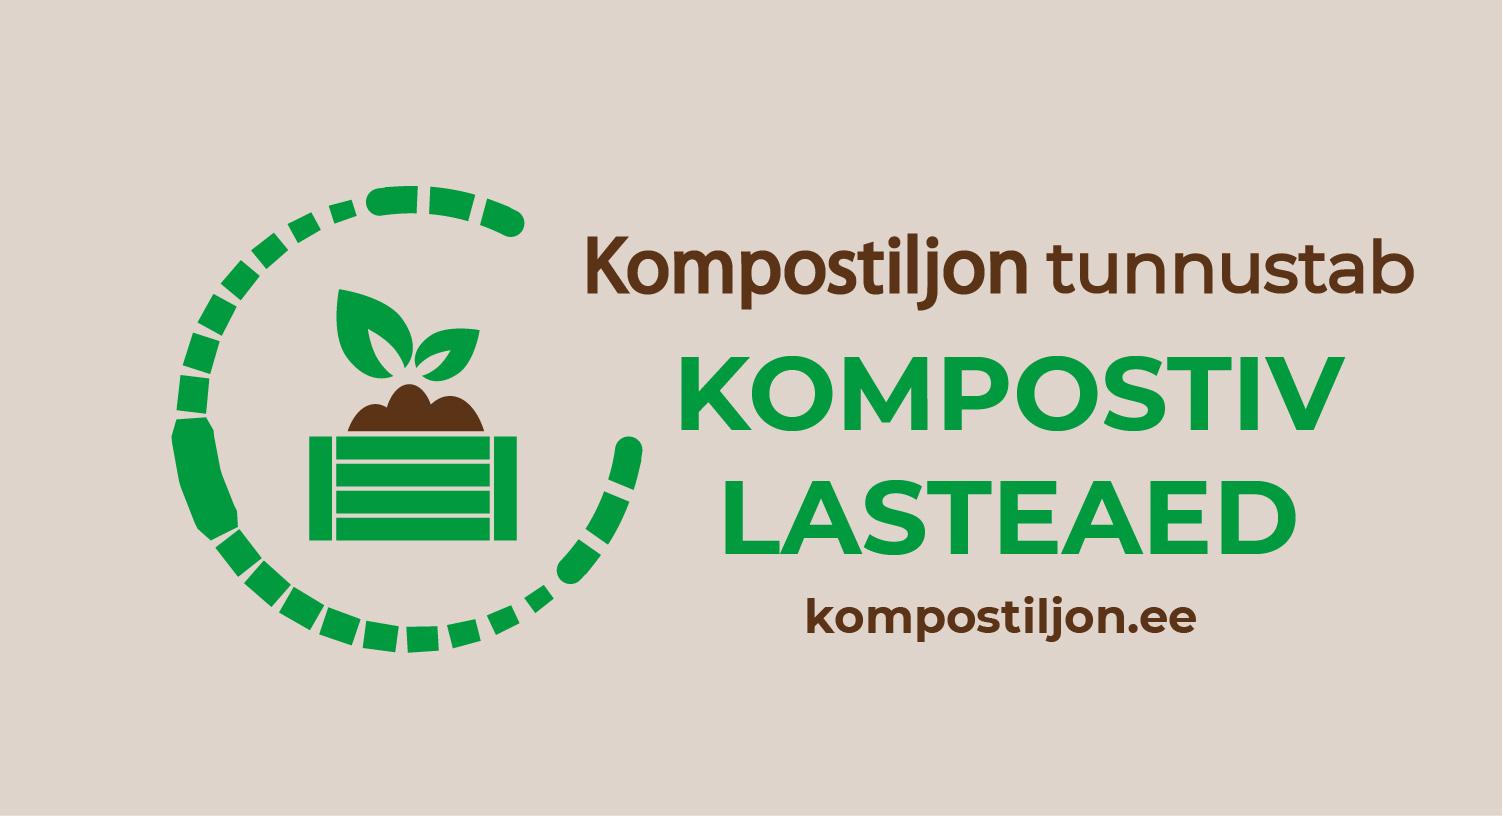 kompostiljon-tunnustab-lasteaed2_0.jpg